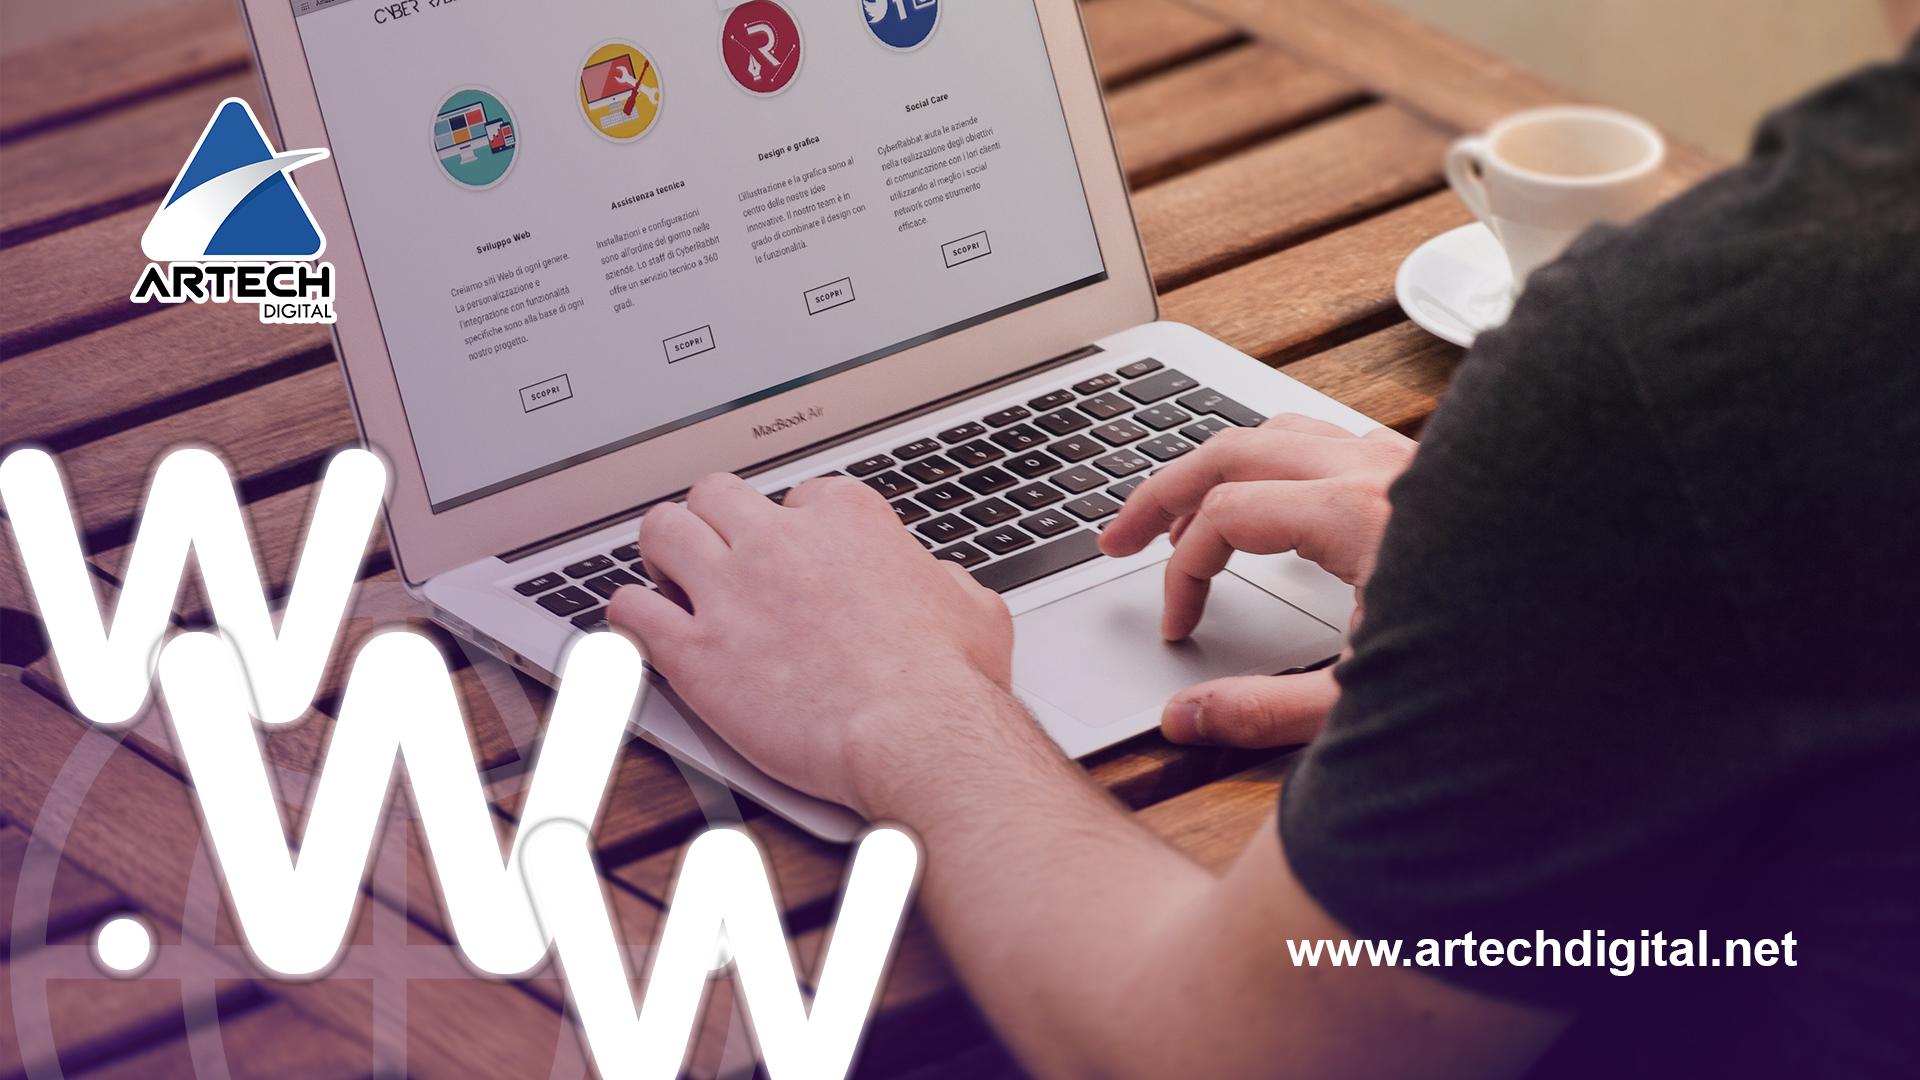 Estructura del sitio web - ArtechDigital